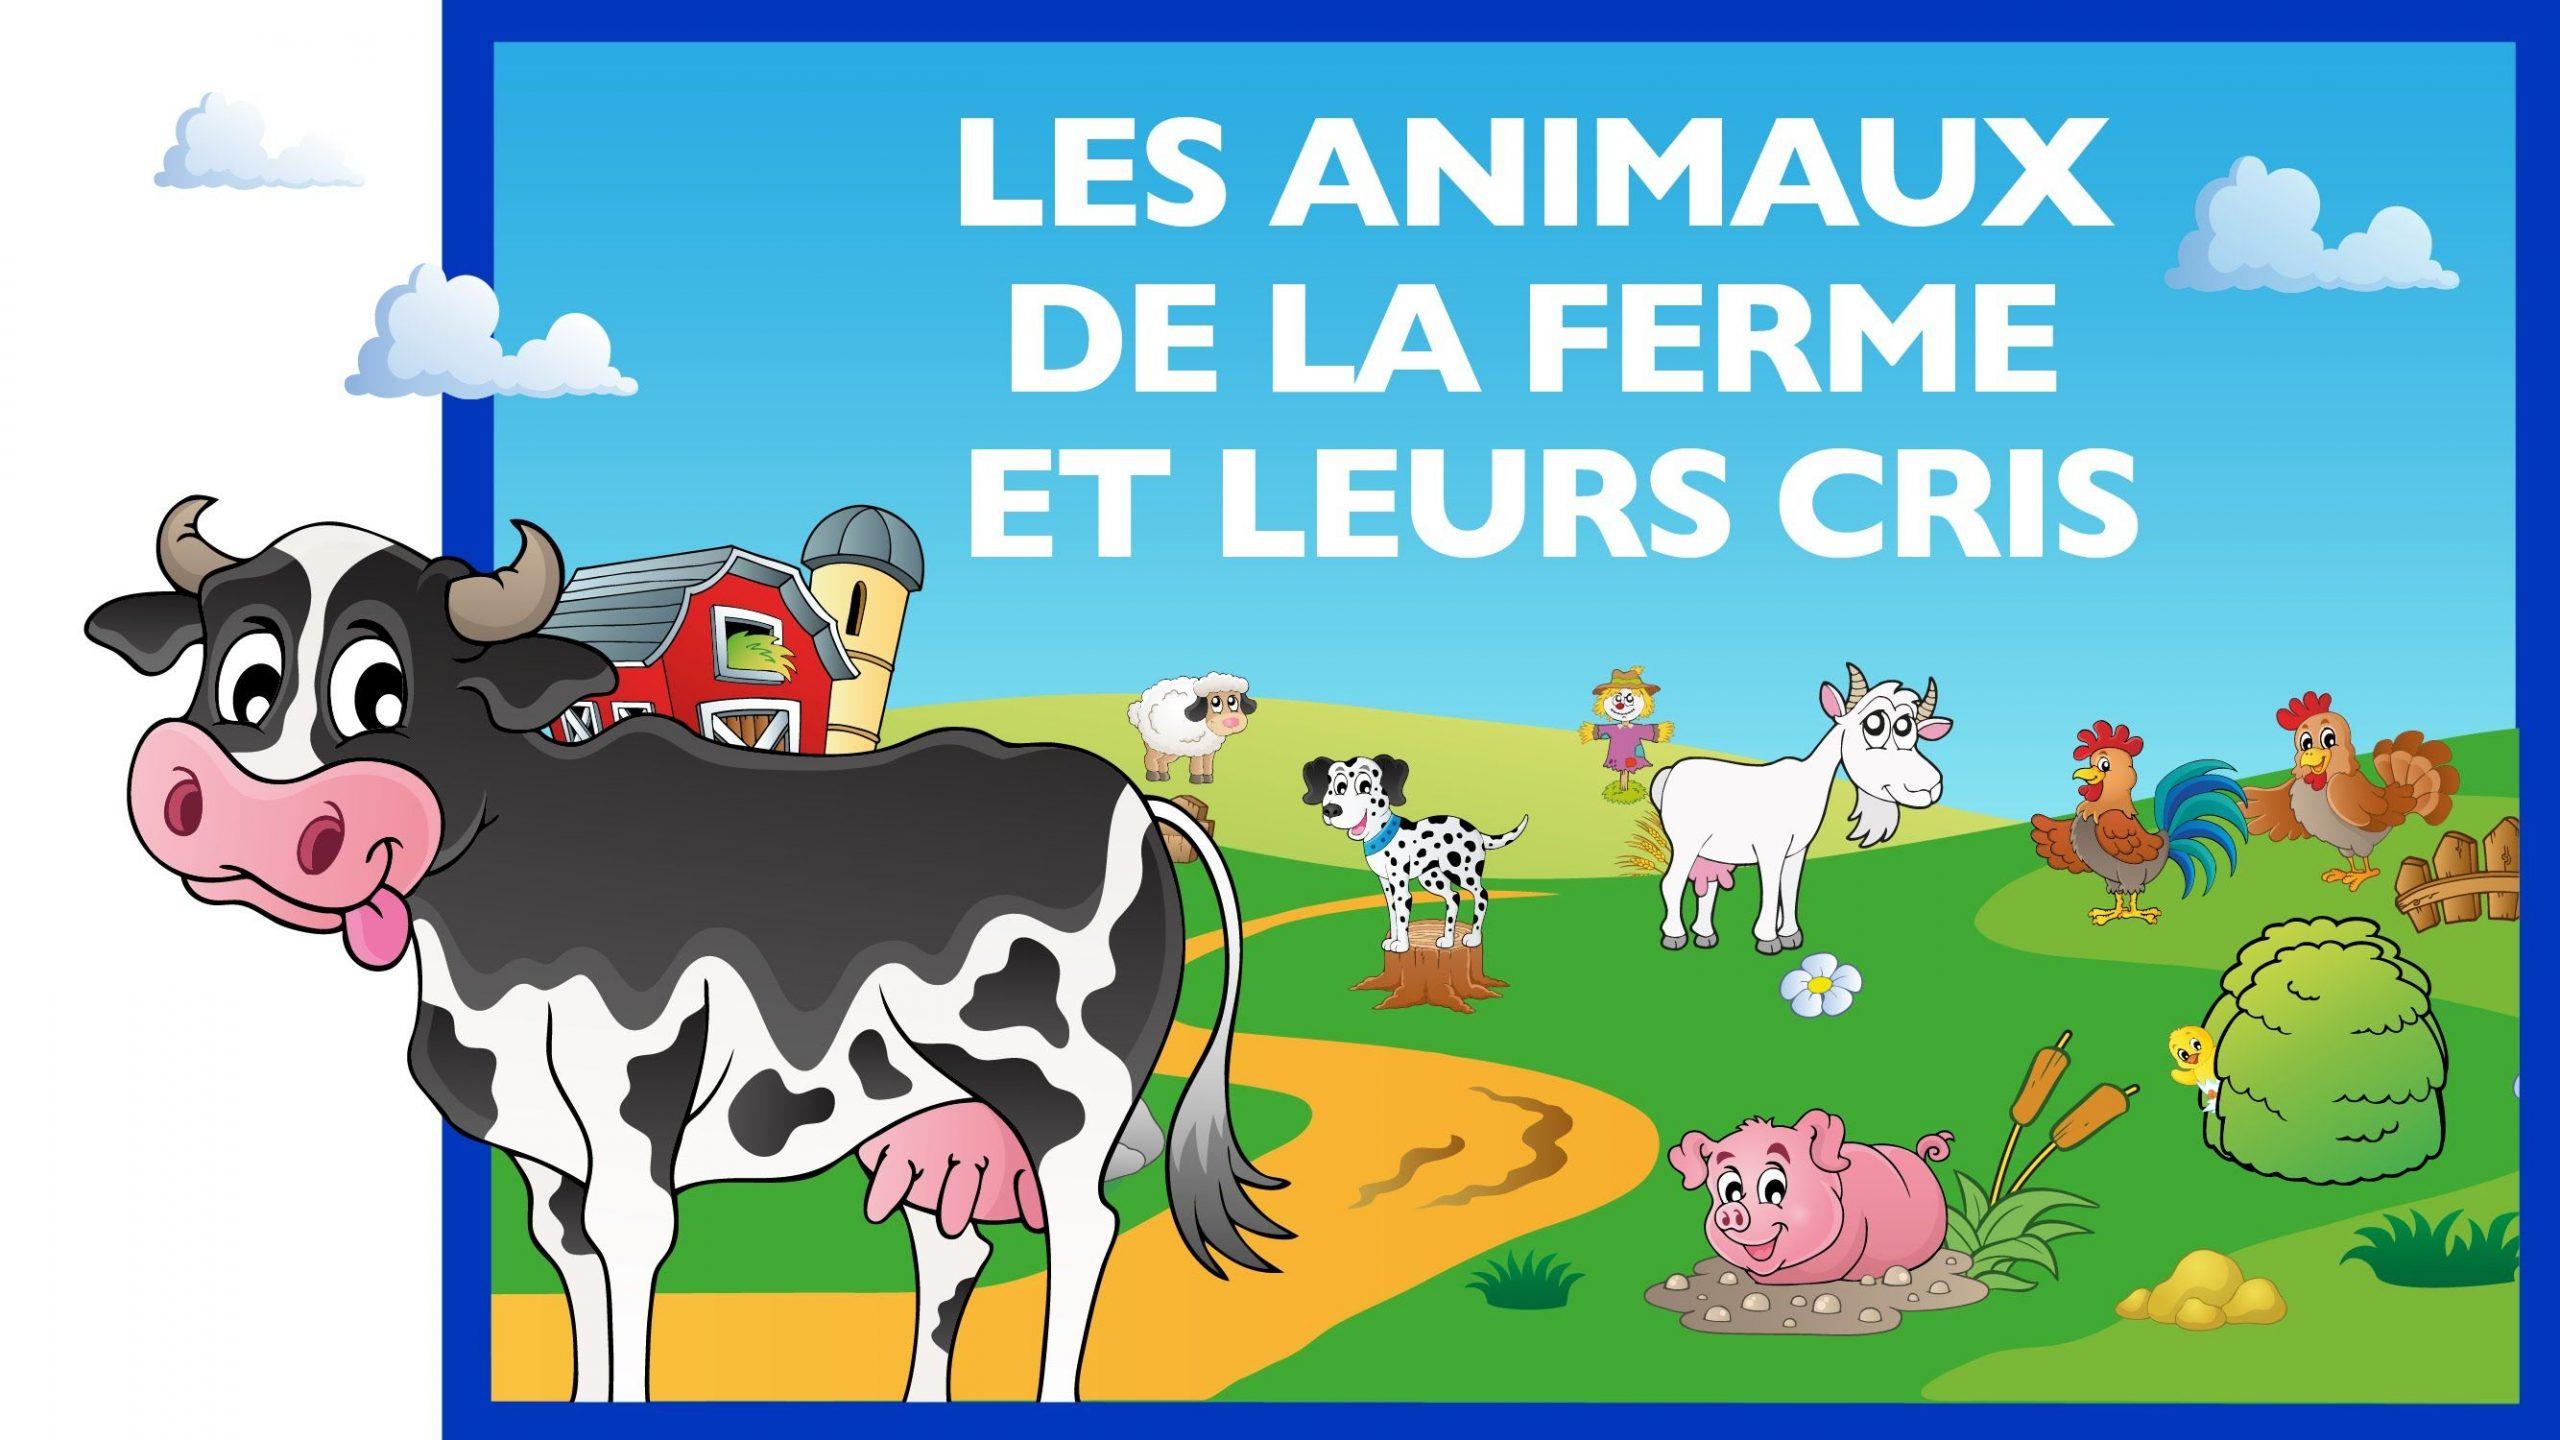 Apprendre Les Animaux De La Ferme Et Leurs Cris (Fr) - Jeu à Jeux Les Animaux De La Ferme